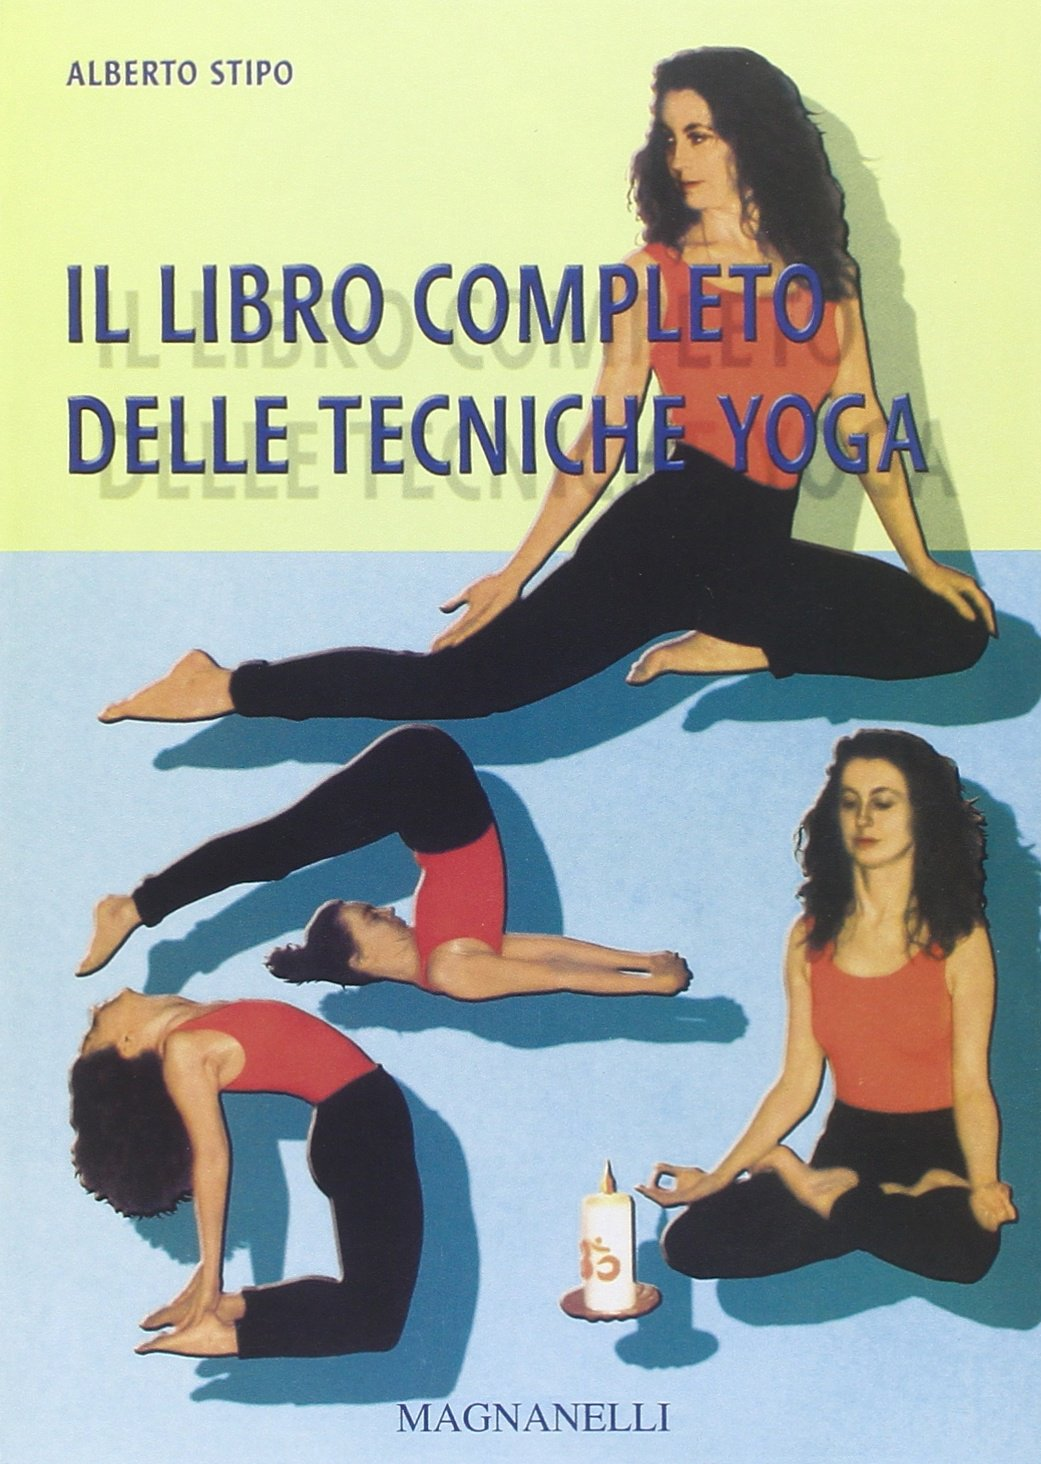 Il Libro completo delle tecniche yoga: Alberto Stipo ...